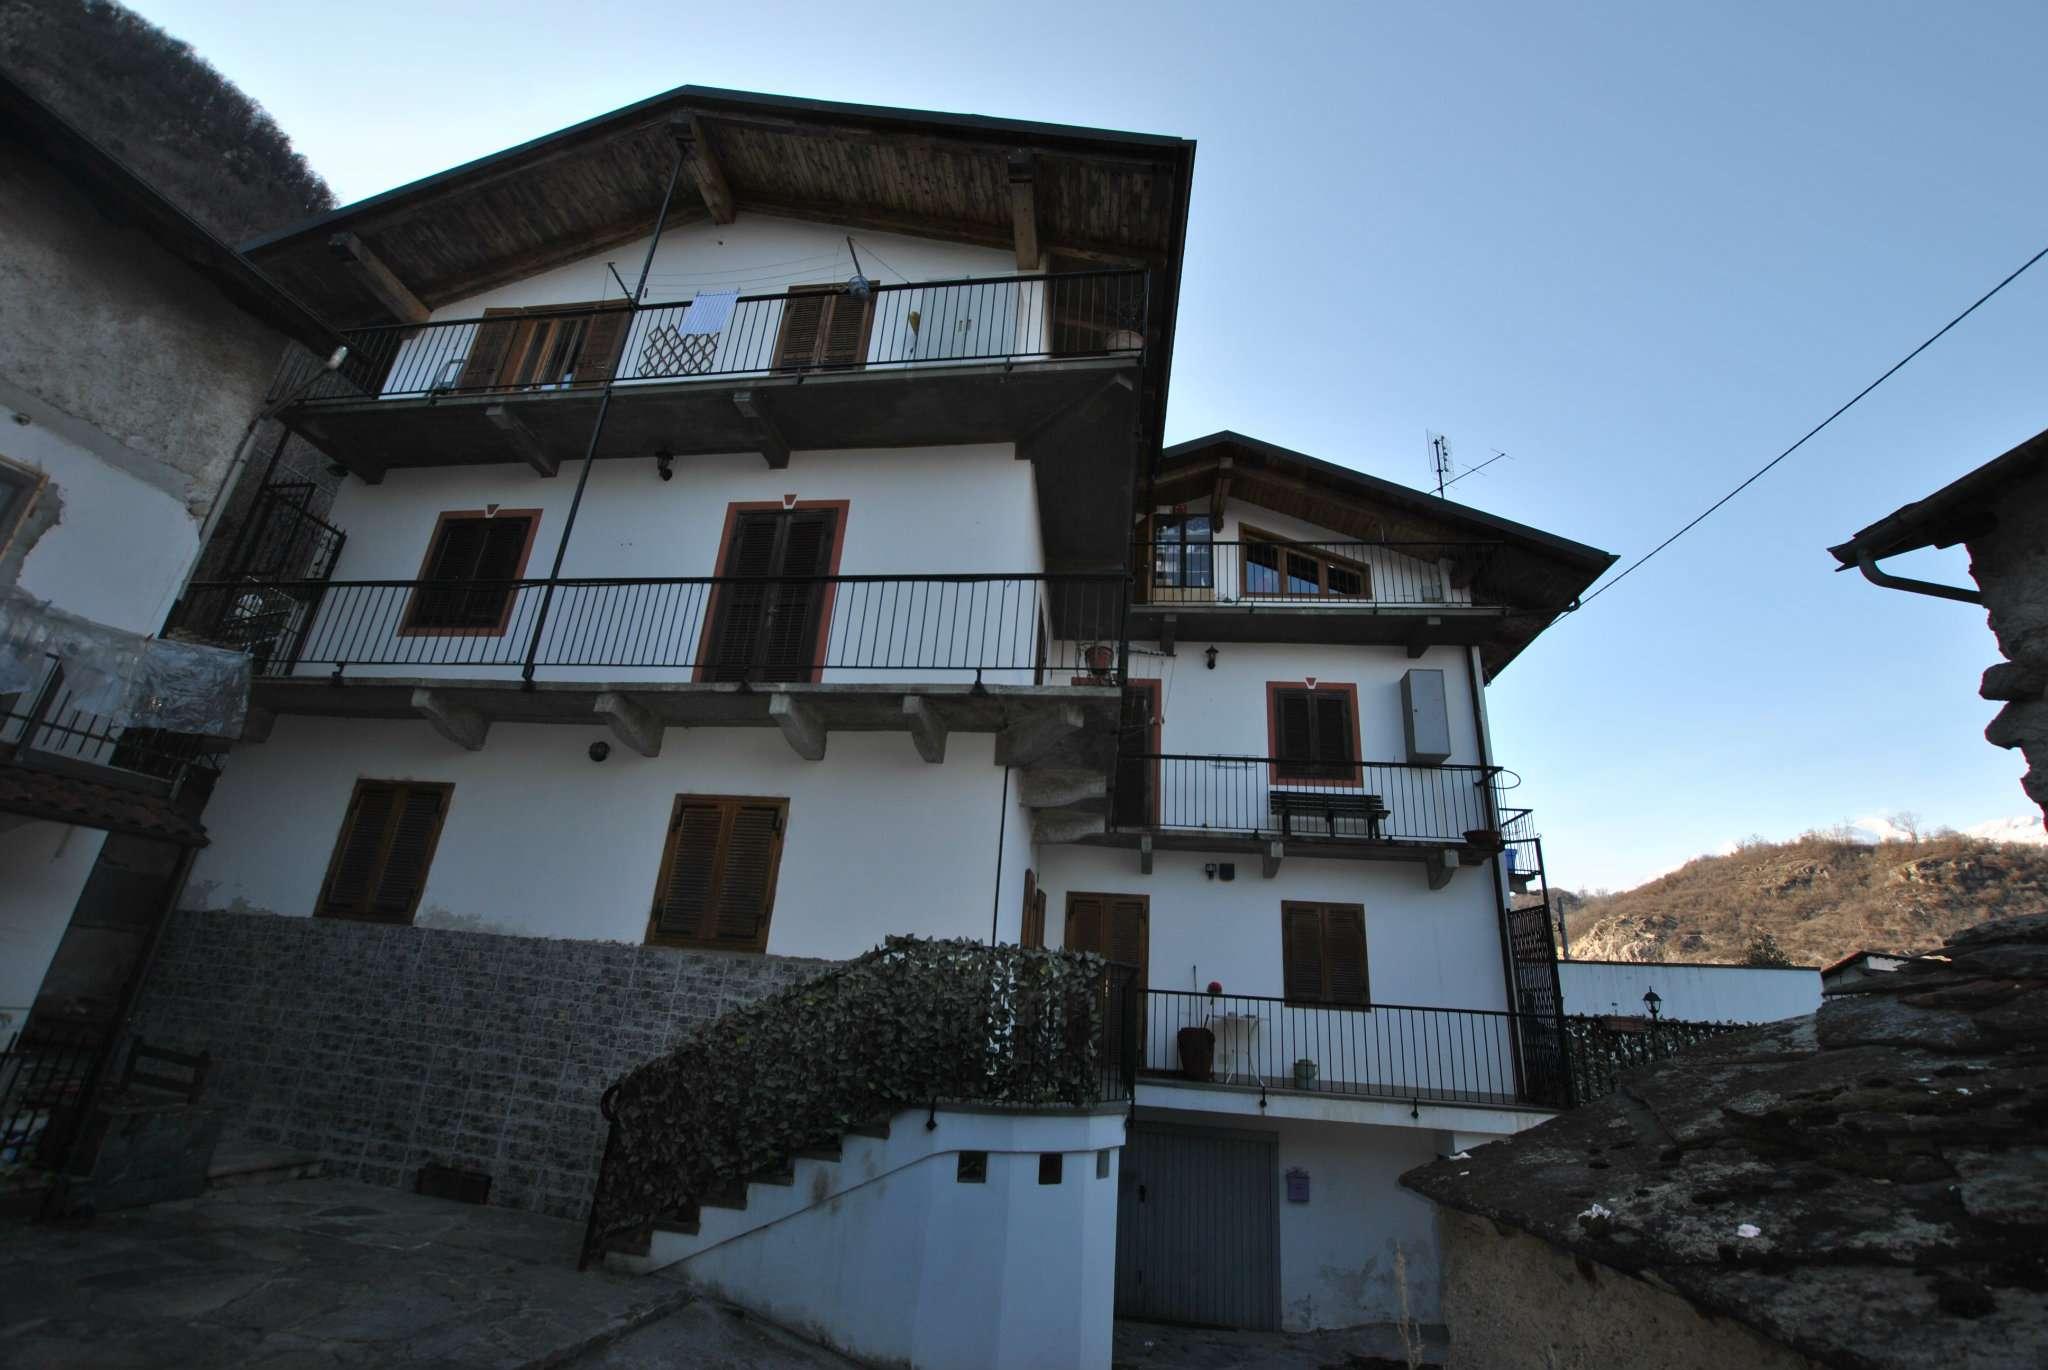 Appartamento in vendita a Villar Focchiardo, 4 locali, prezzo € 76.000 | CambioCasa.it